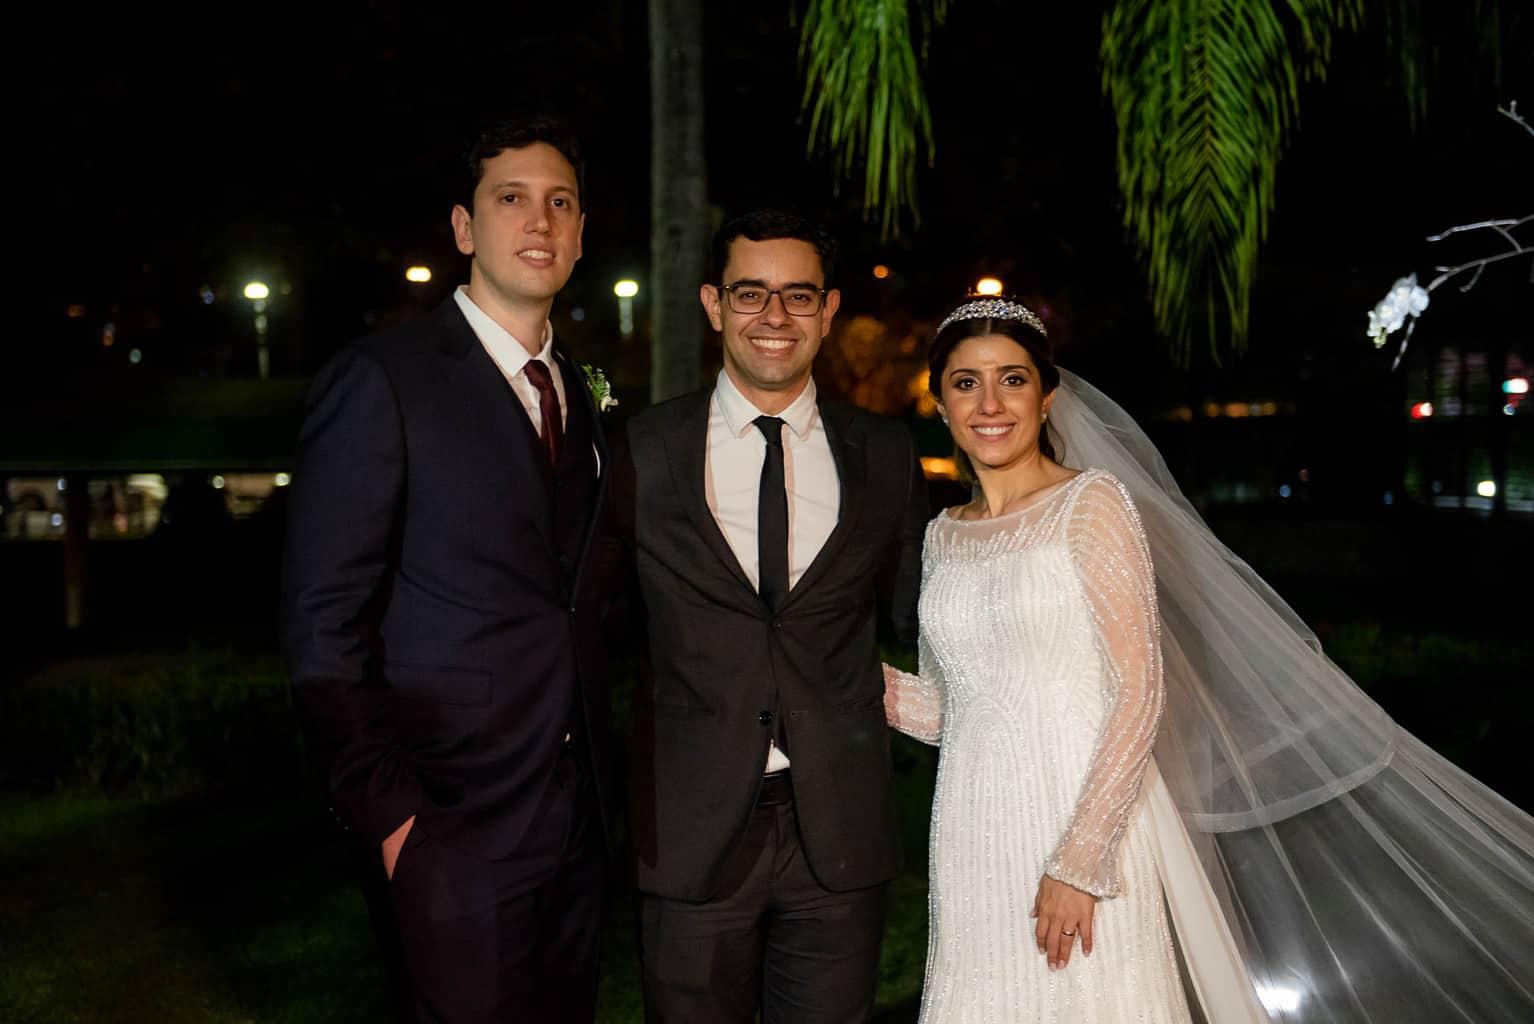 casamento-luiza-e-gustavo-cerimonial-casamento-de-ideias-fotografia-lenine-serejo47